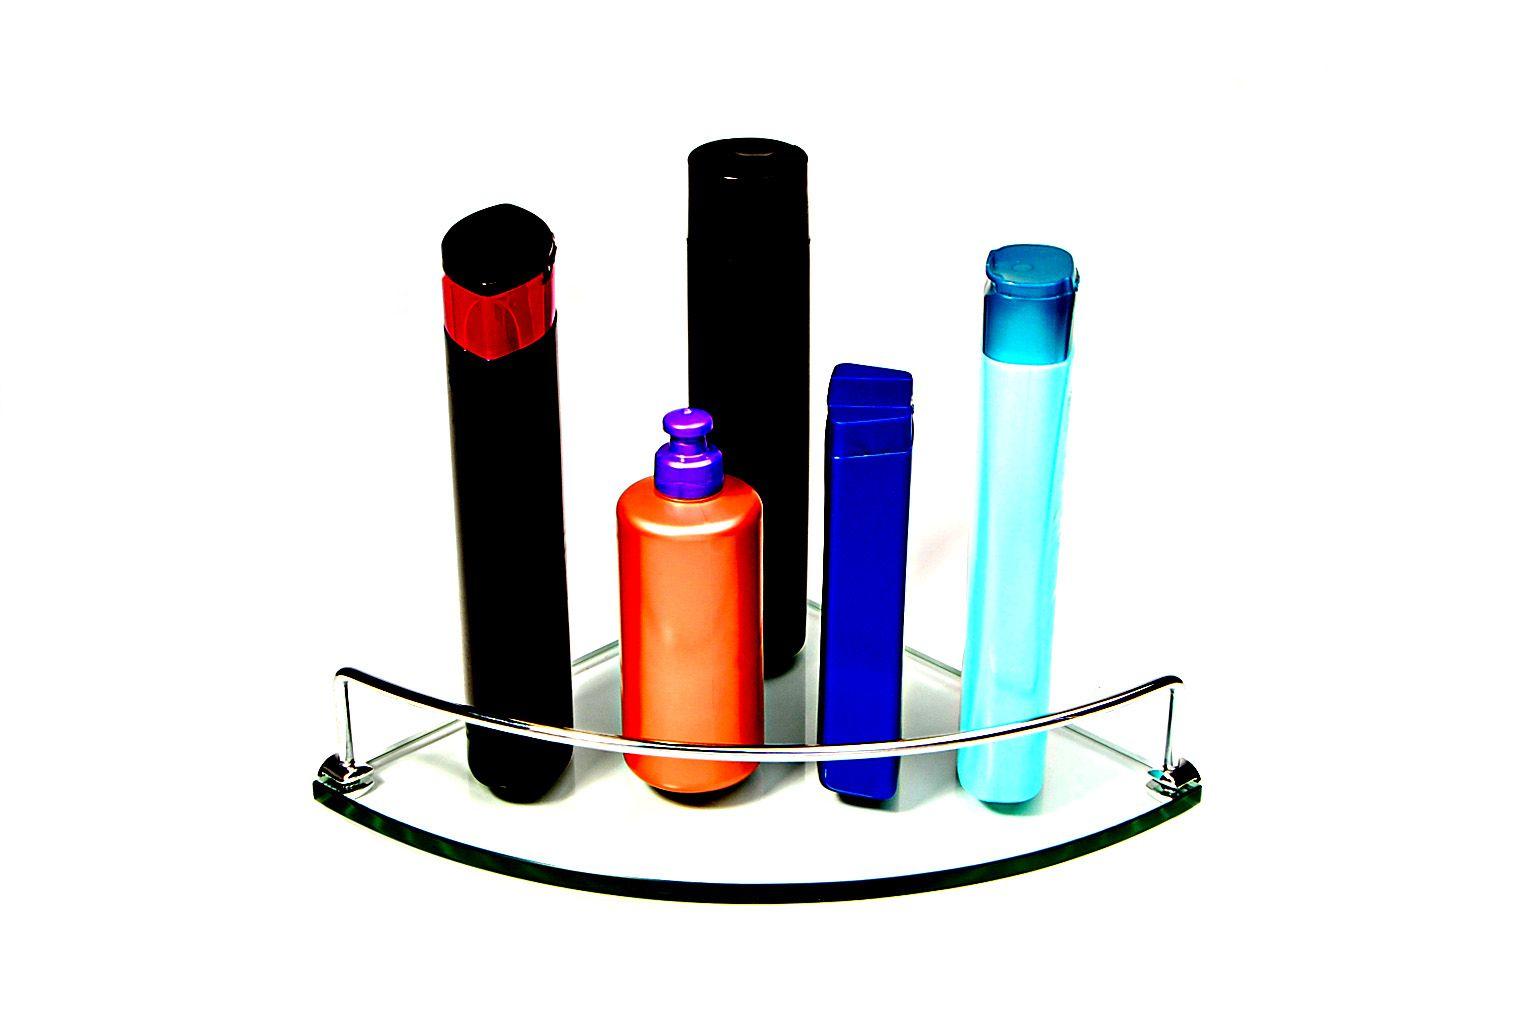 Porta Shampoo de Canto Curvo em Vidro Incolor Lapidado - Aquabox  - 25cmx25cmx10mm